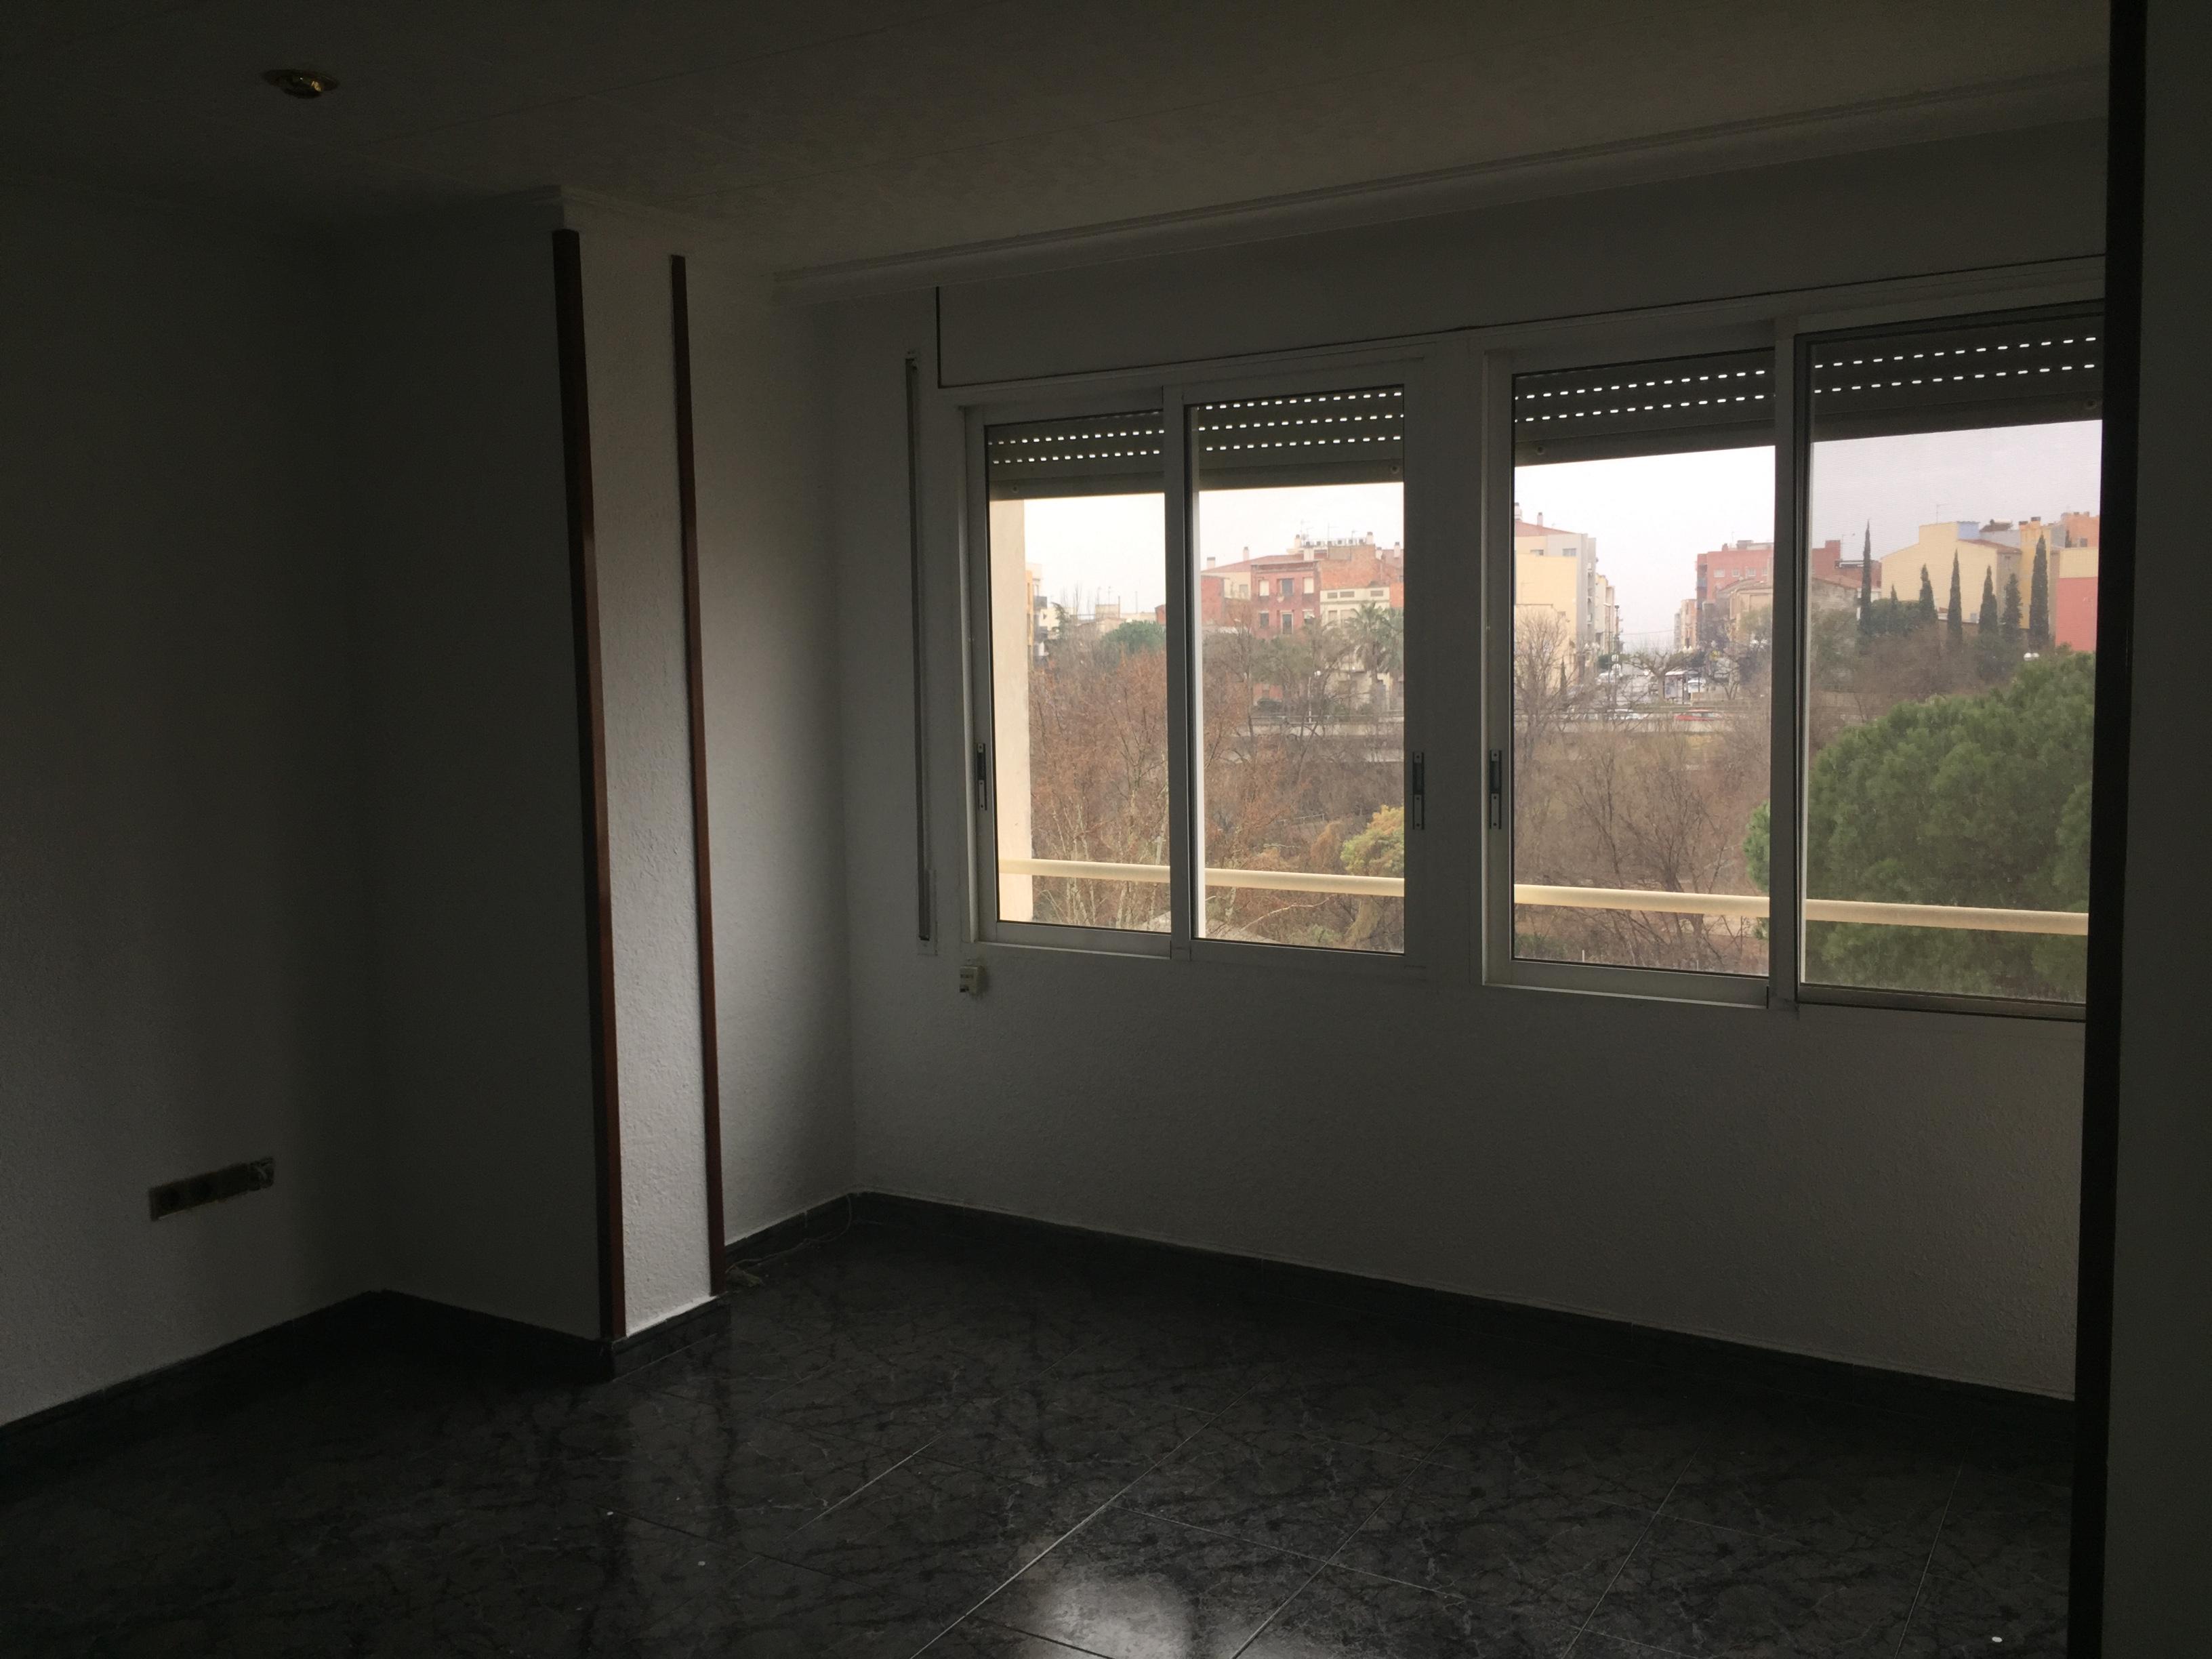 Piso en venta en El Morell, El Morell, Tarragona, Calle Creus, 78.000 €, 4 habitaciones, 1 baño, 105 m2